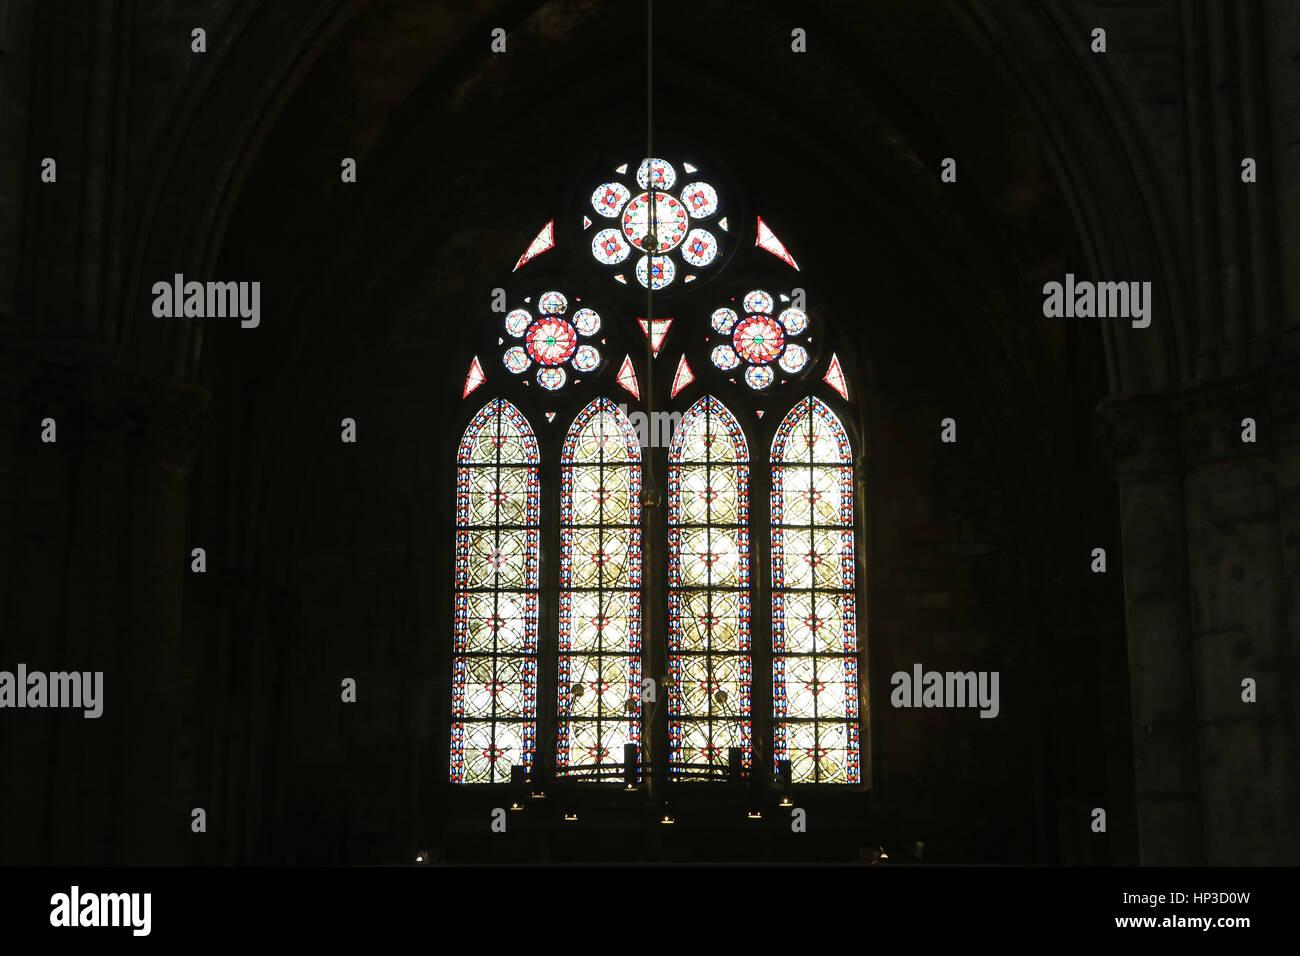 vitrail de la tour du chapitre cath drale saint etienne metz stock photo 134071081 alamy. Black Bedroom Furniture Sets. Home Design Ideas